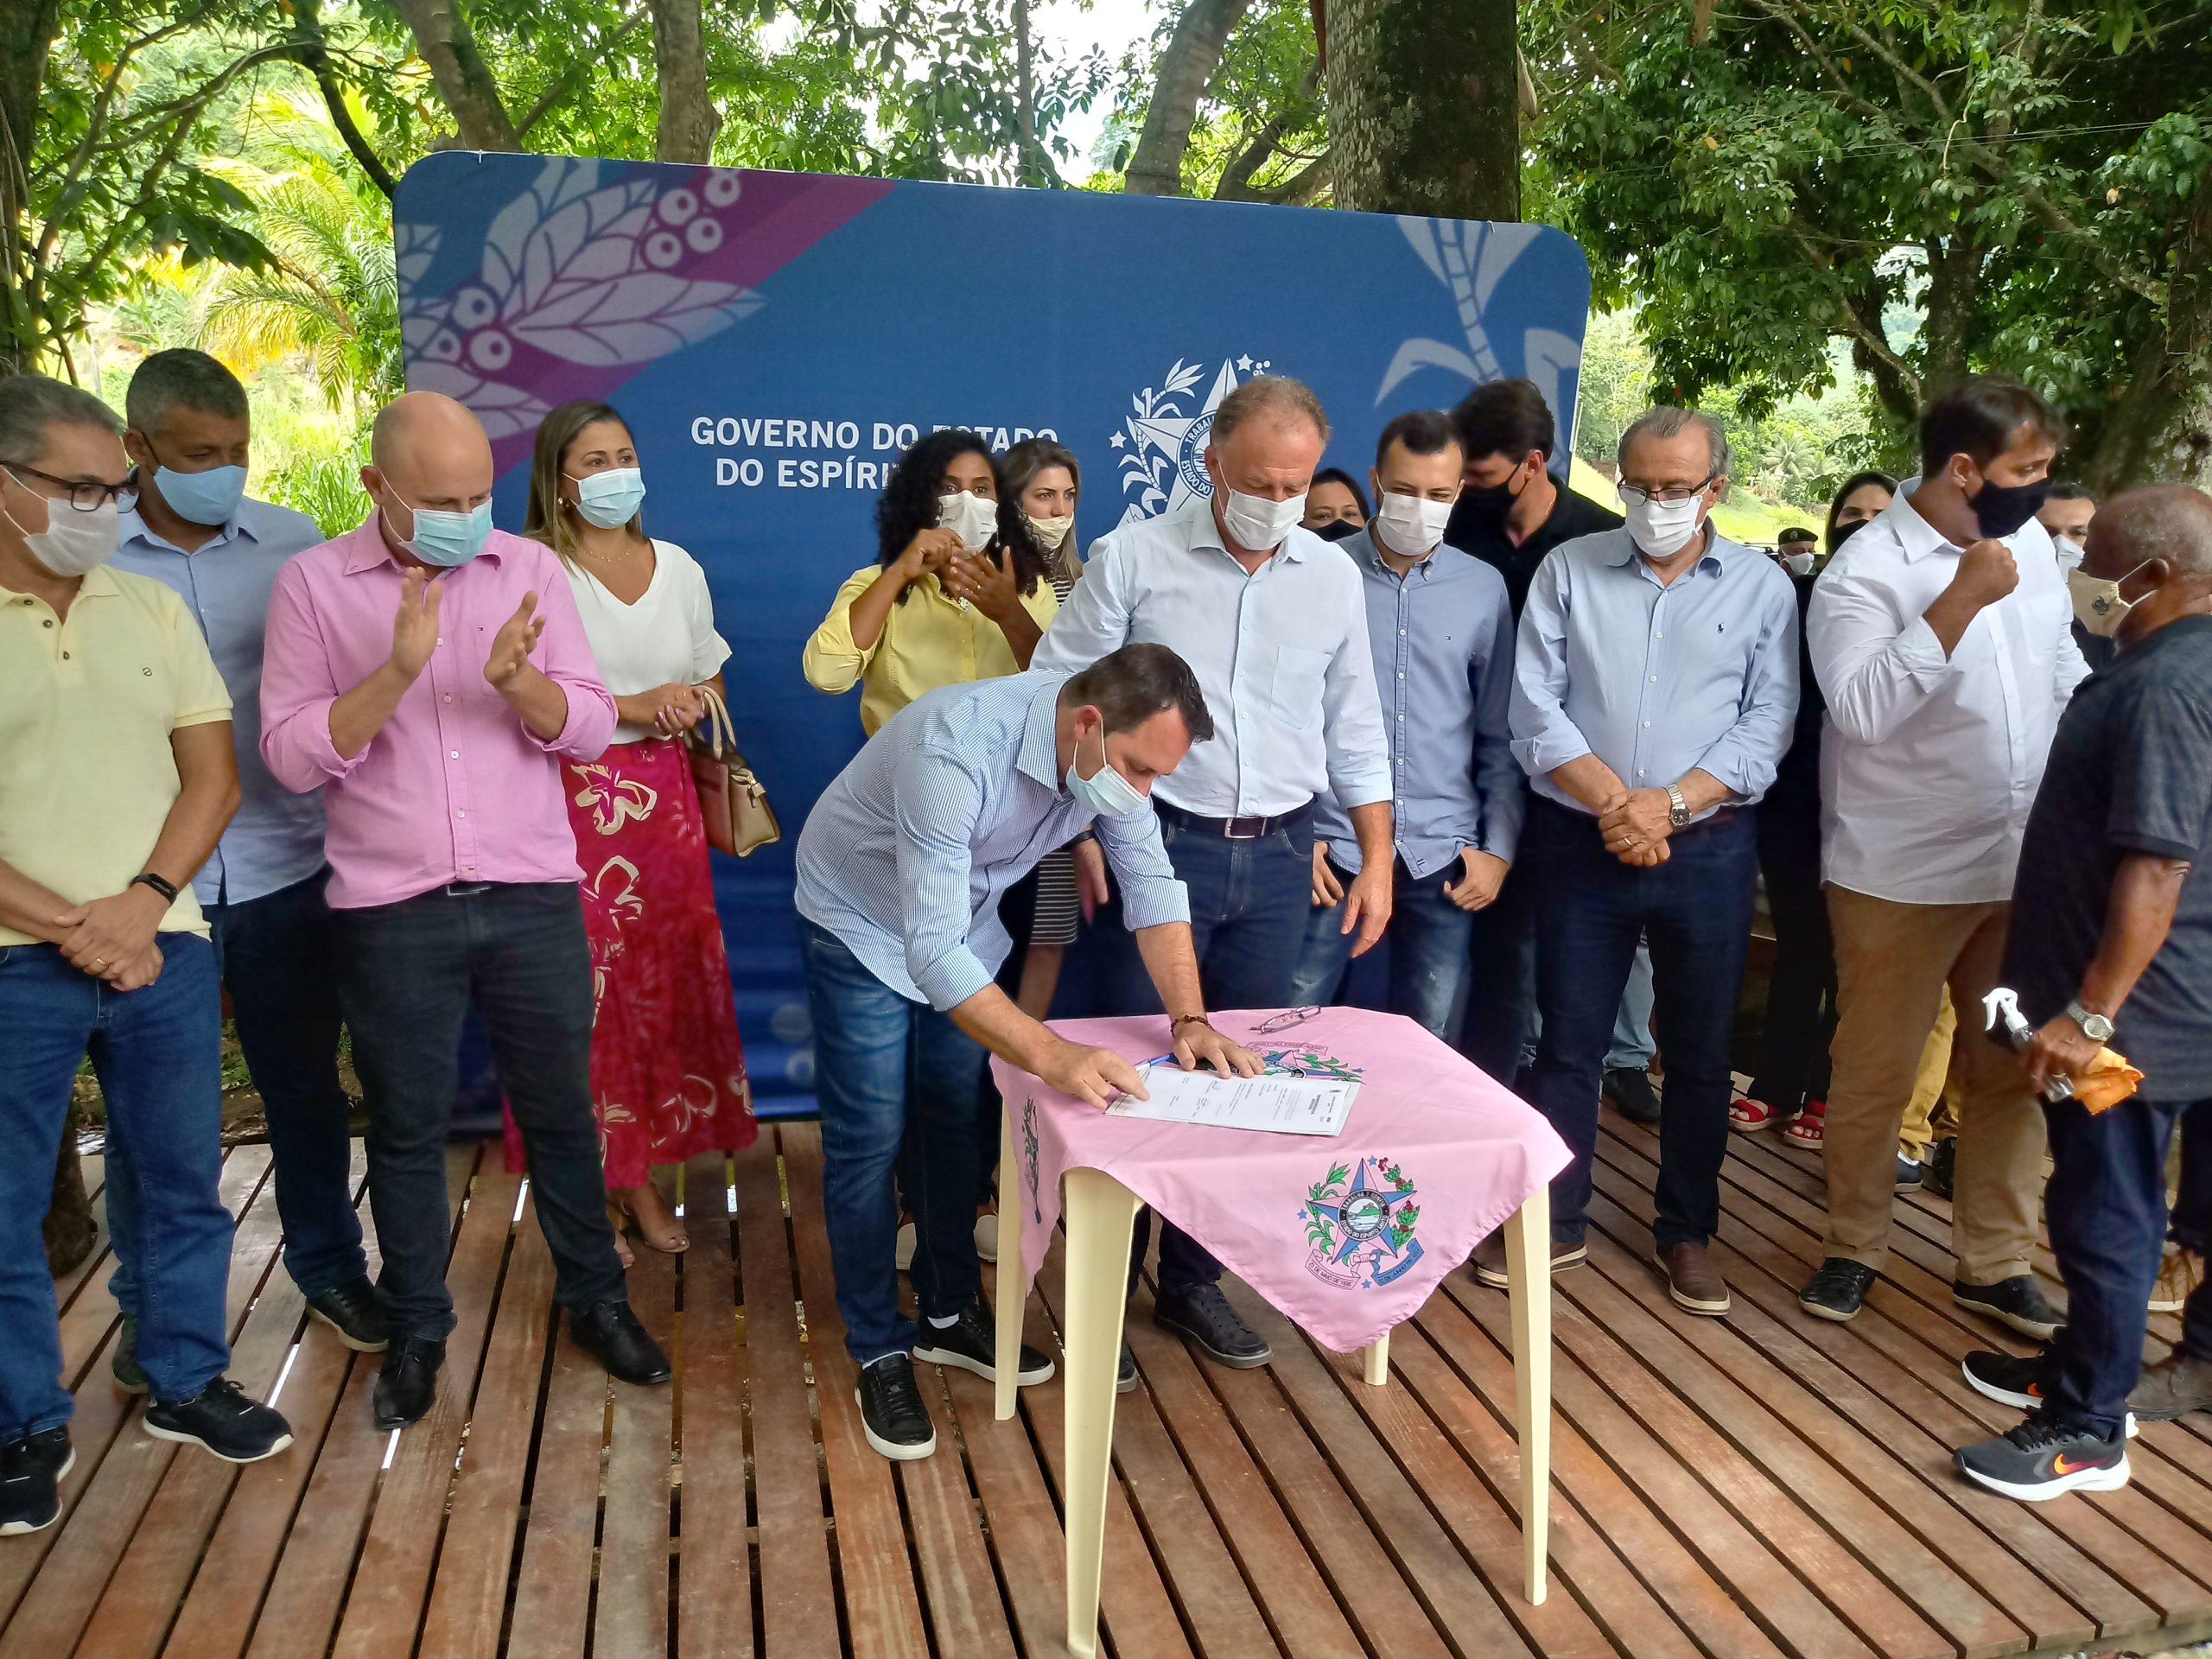 Governo do Estado e Prefeitura de Iconha unidos na reconstrução de Iconha